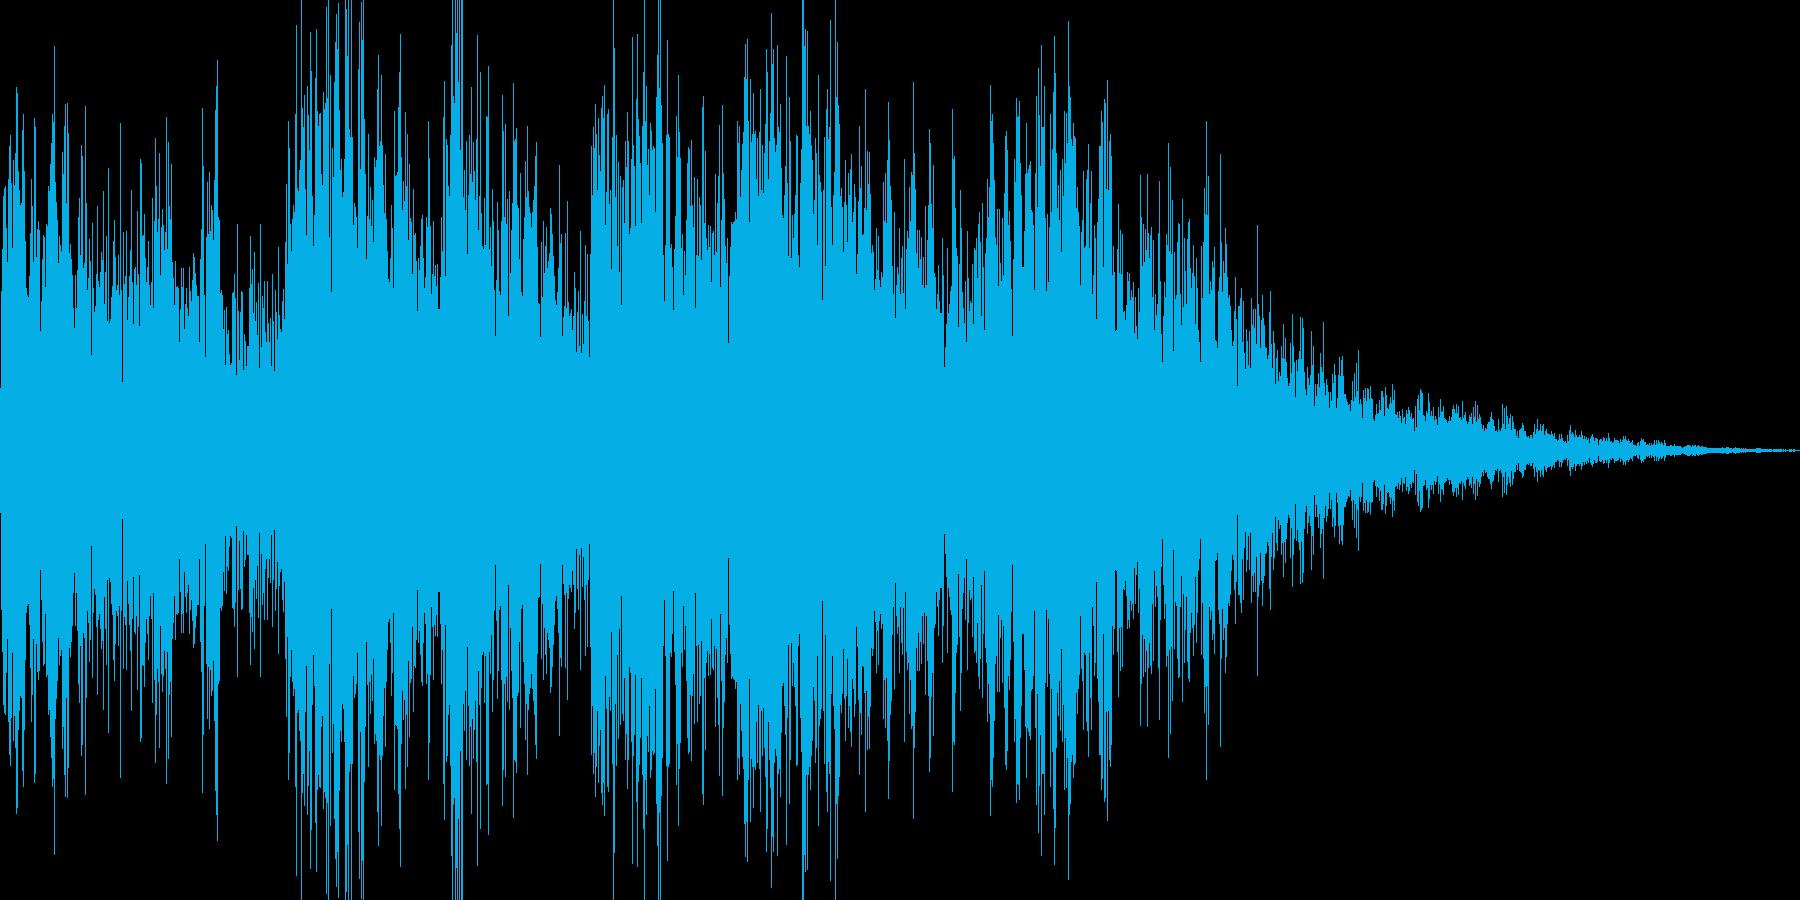 ビヨビヨビヨ(パワーアップ ビーム)の再生済みの波形